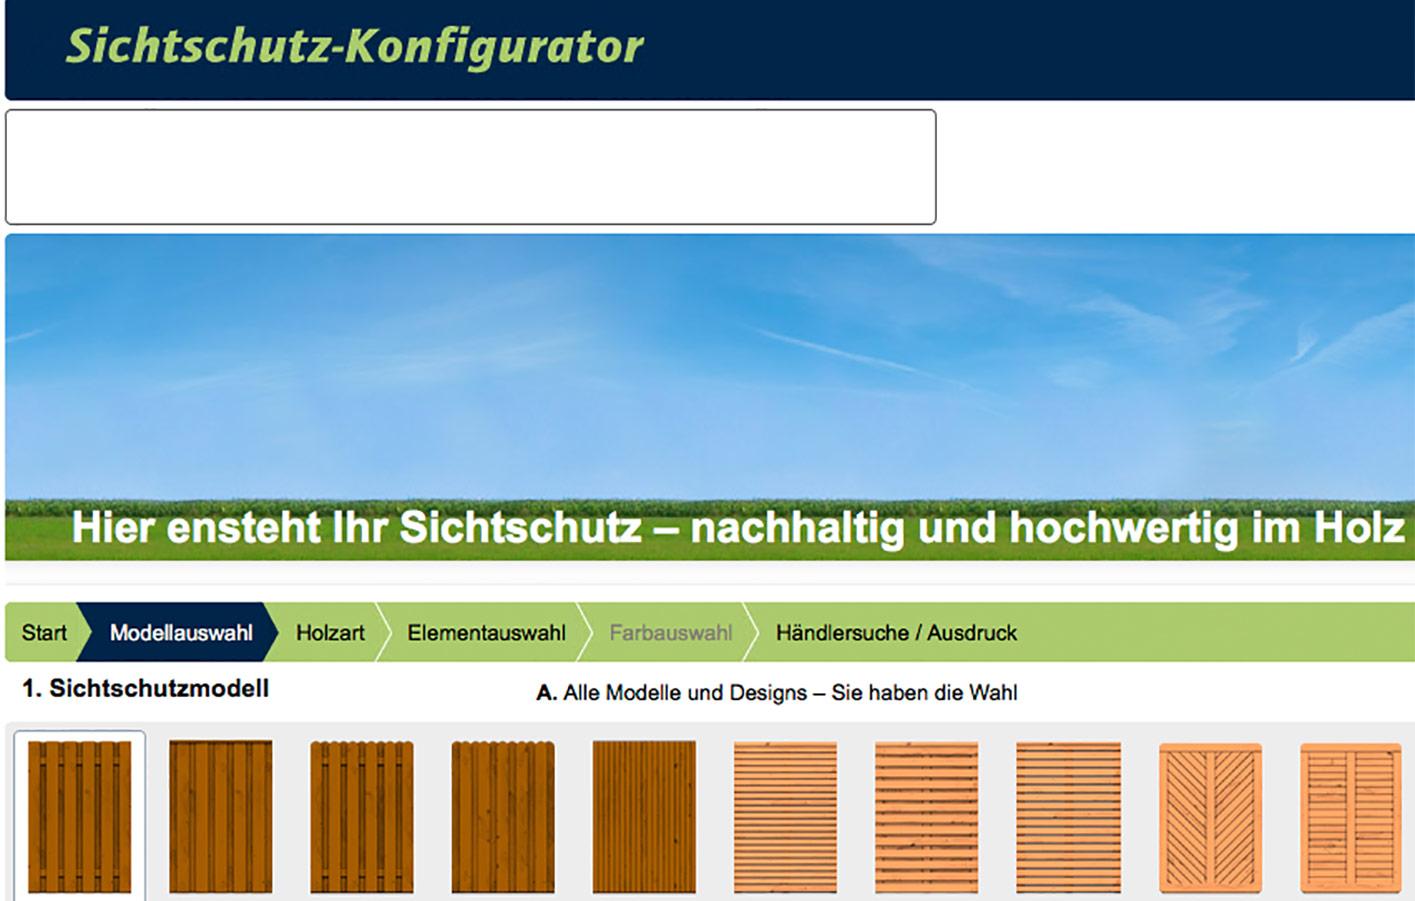 holzkellner – parkett, laminat, türen, terrasse, zaun für plauen, Moderne